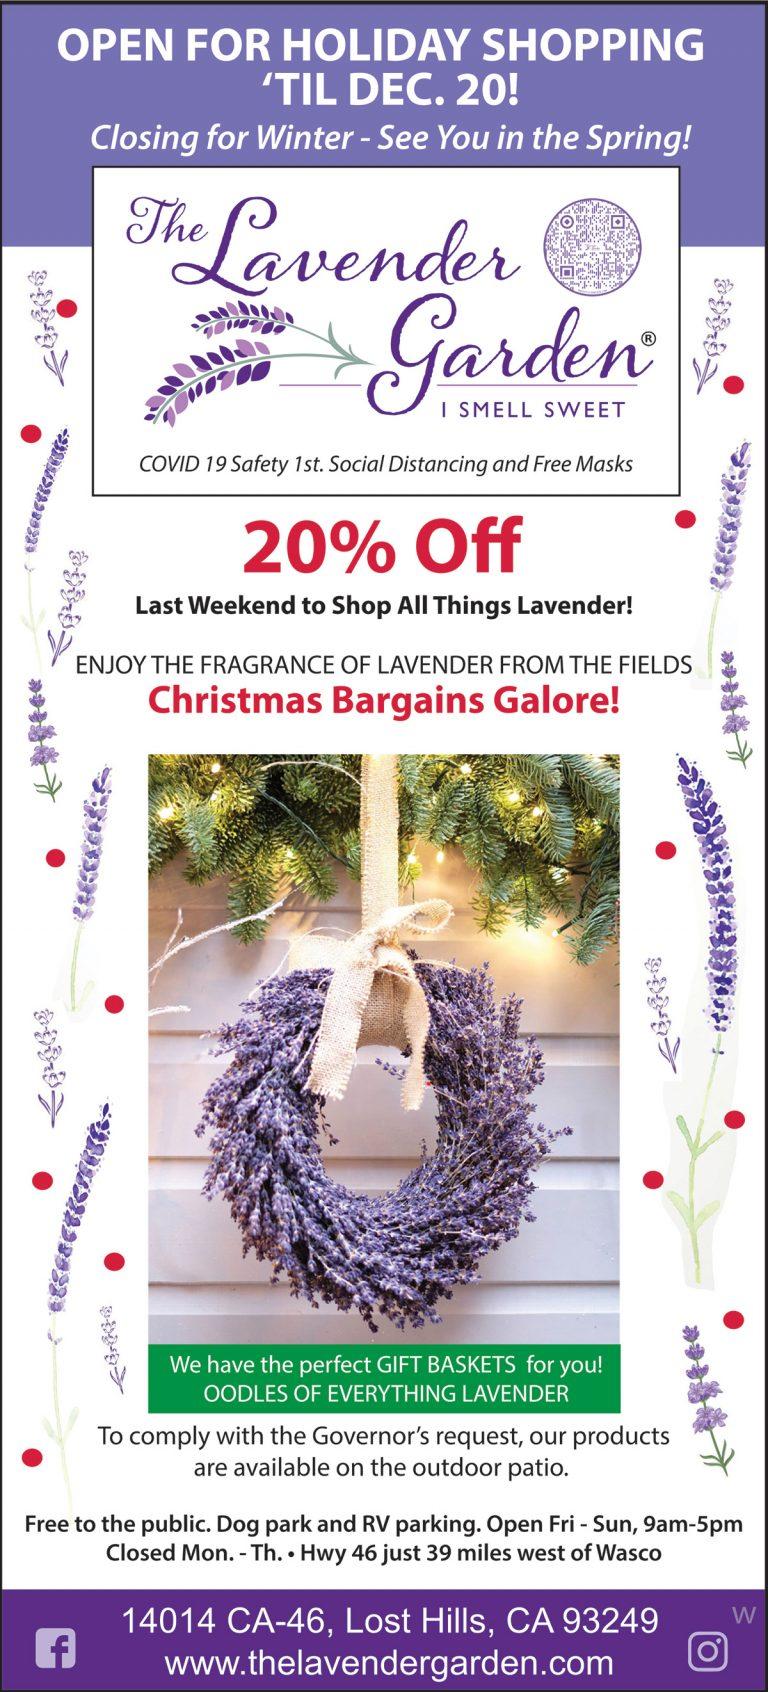 The Lavender Garden holiday shopping